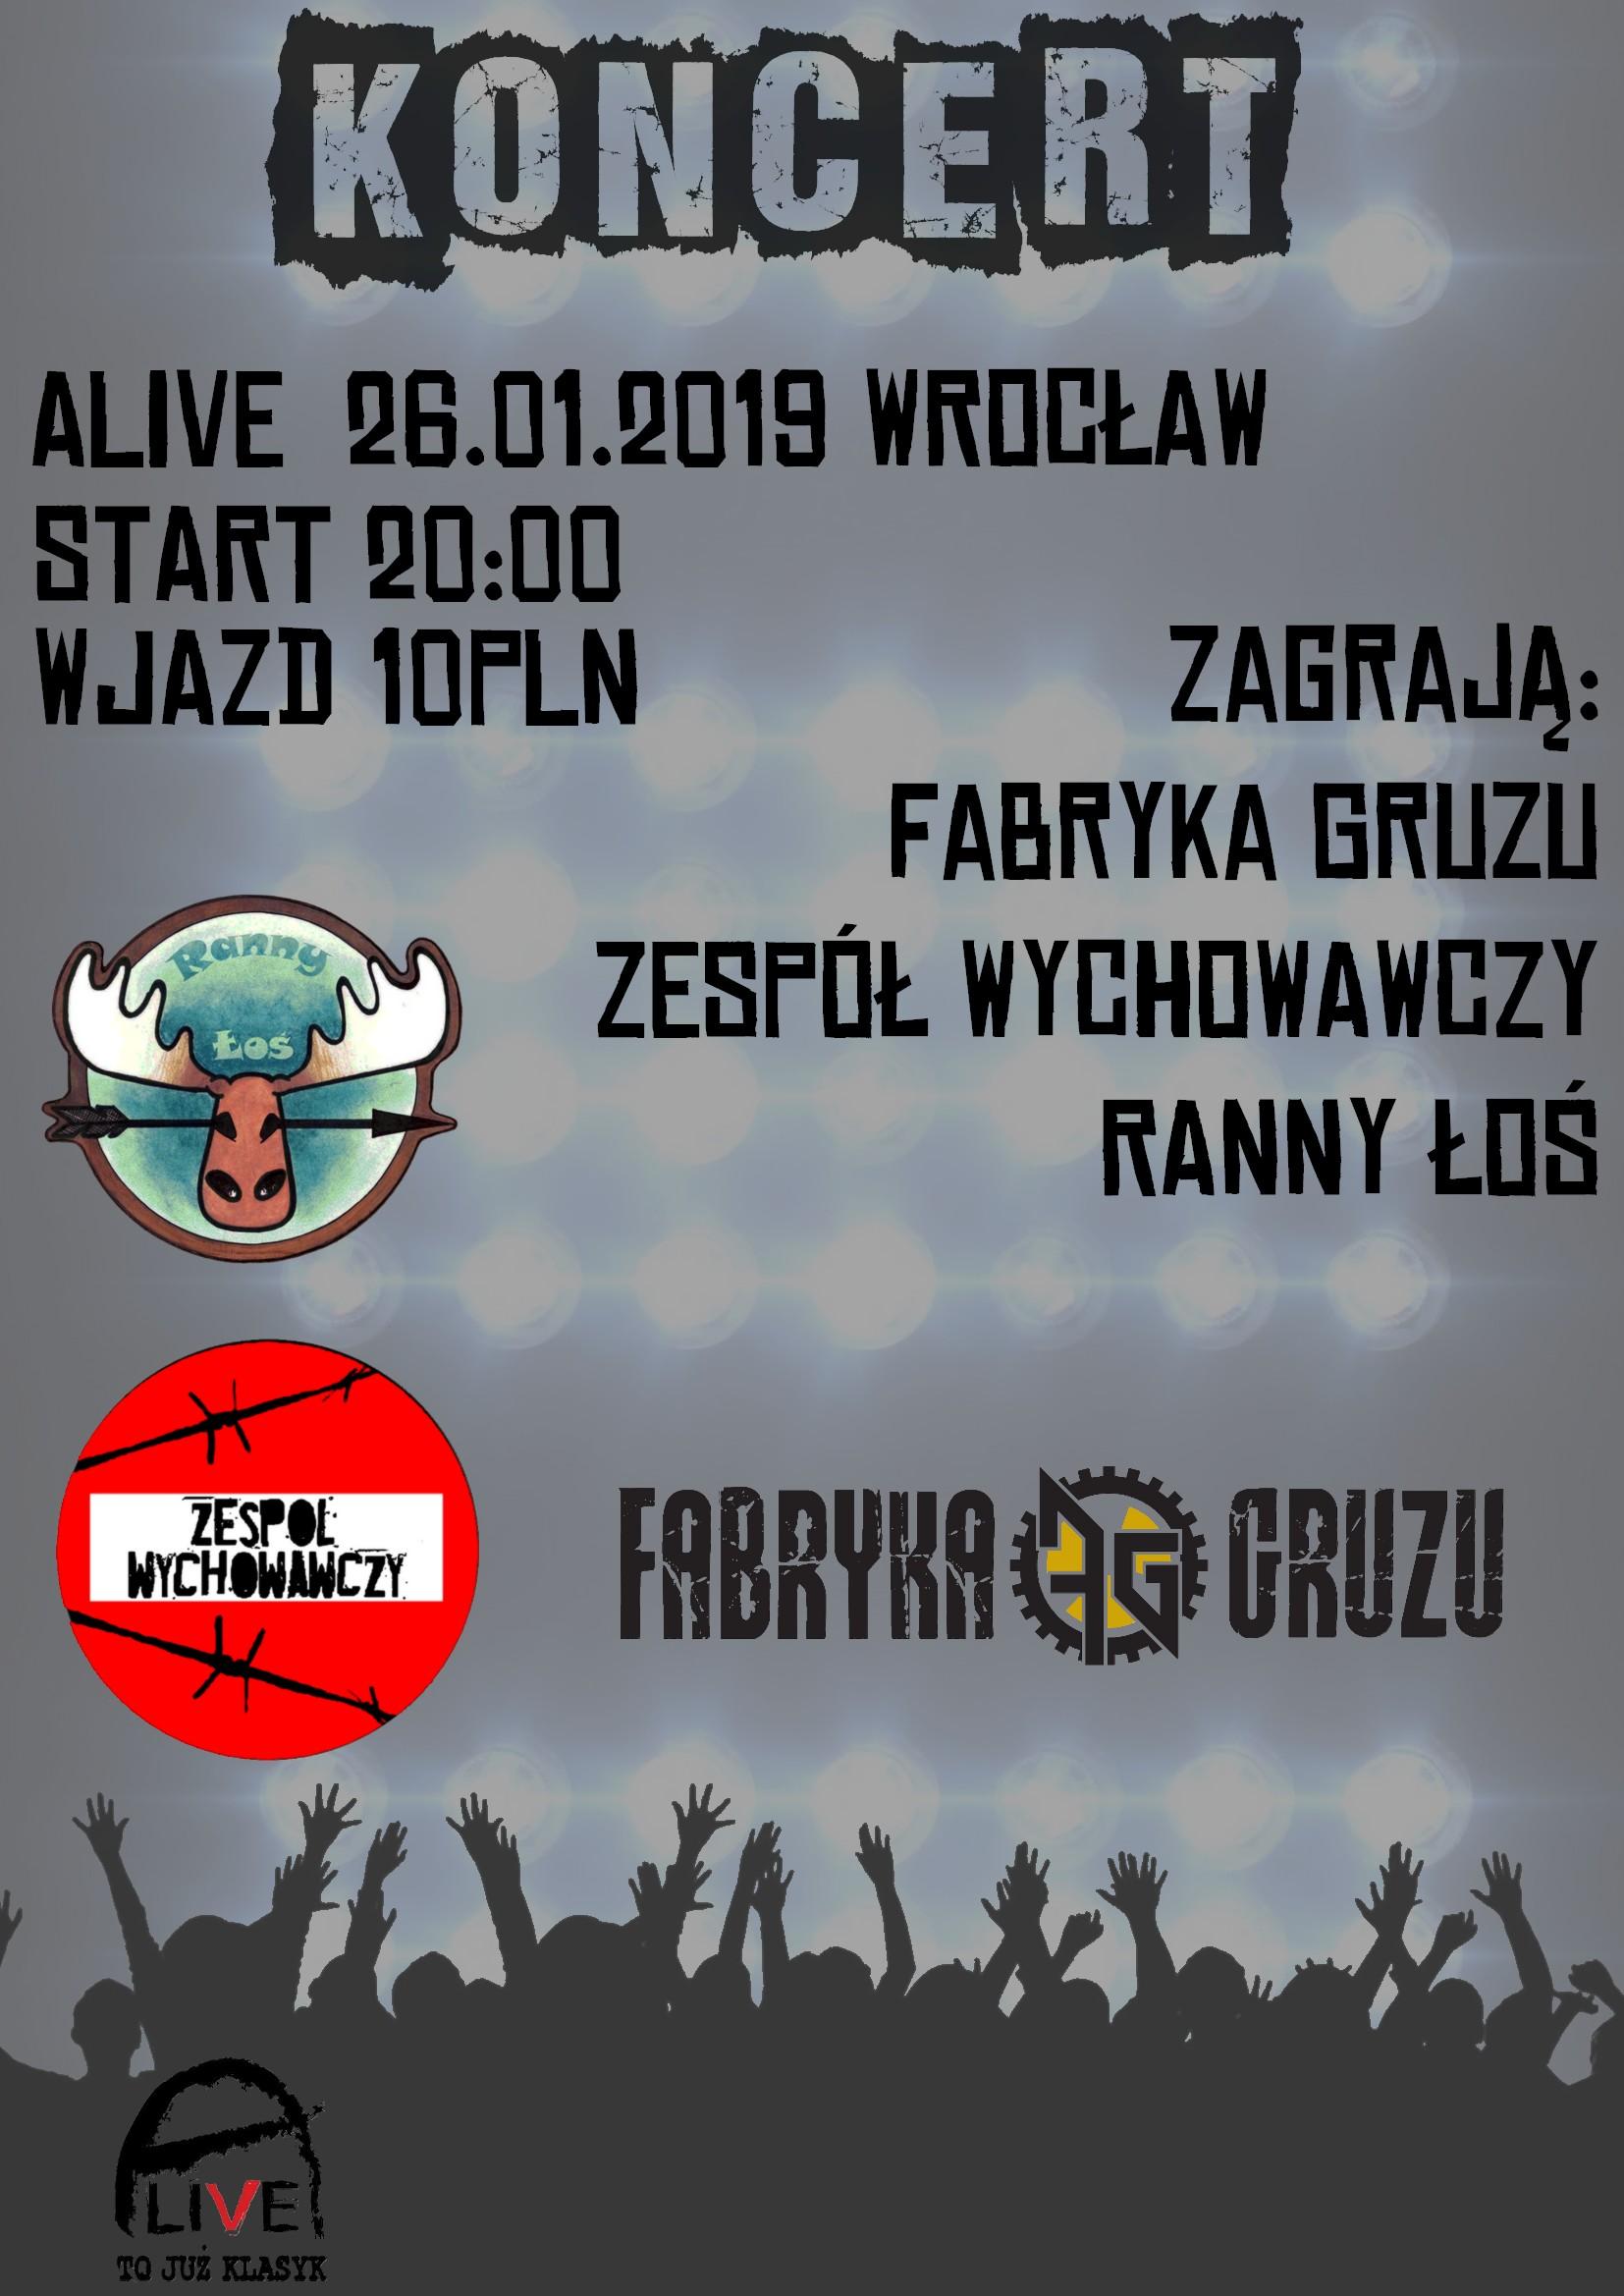 Zespół Wychowawczy / Fabryka Gruzu / Ranny Łoś @ Kolejowa 12 | Wrocław | Województwo dolnośląskie | Polska